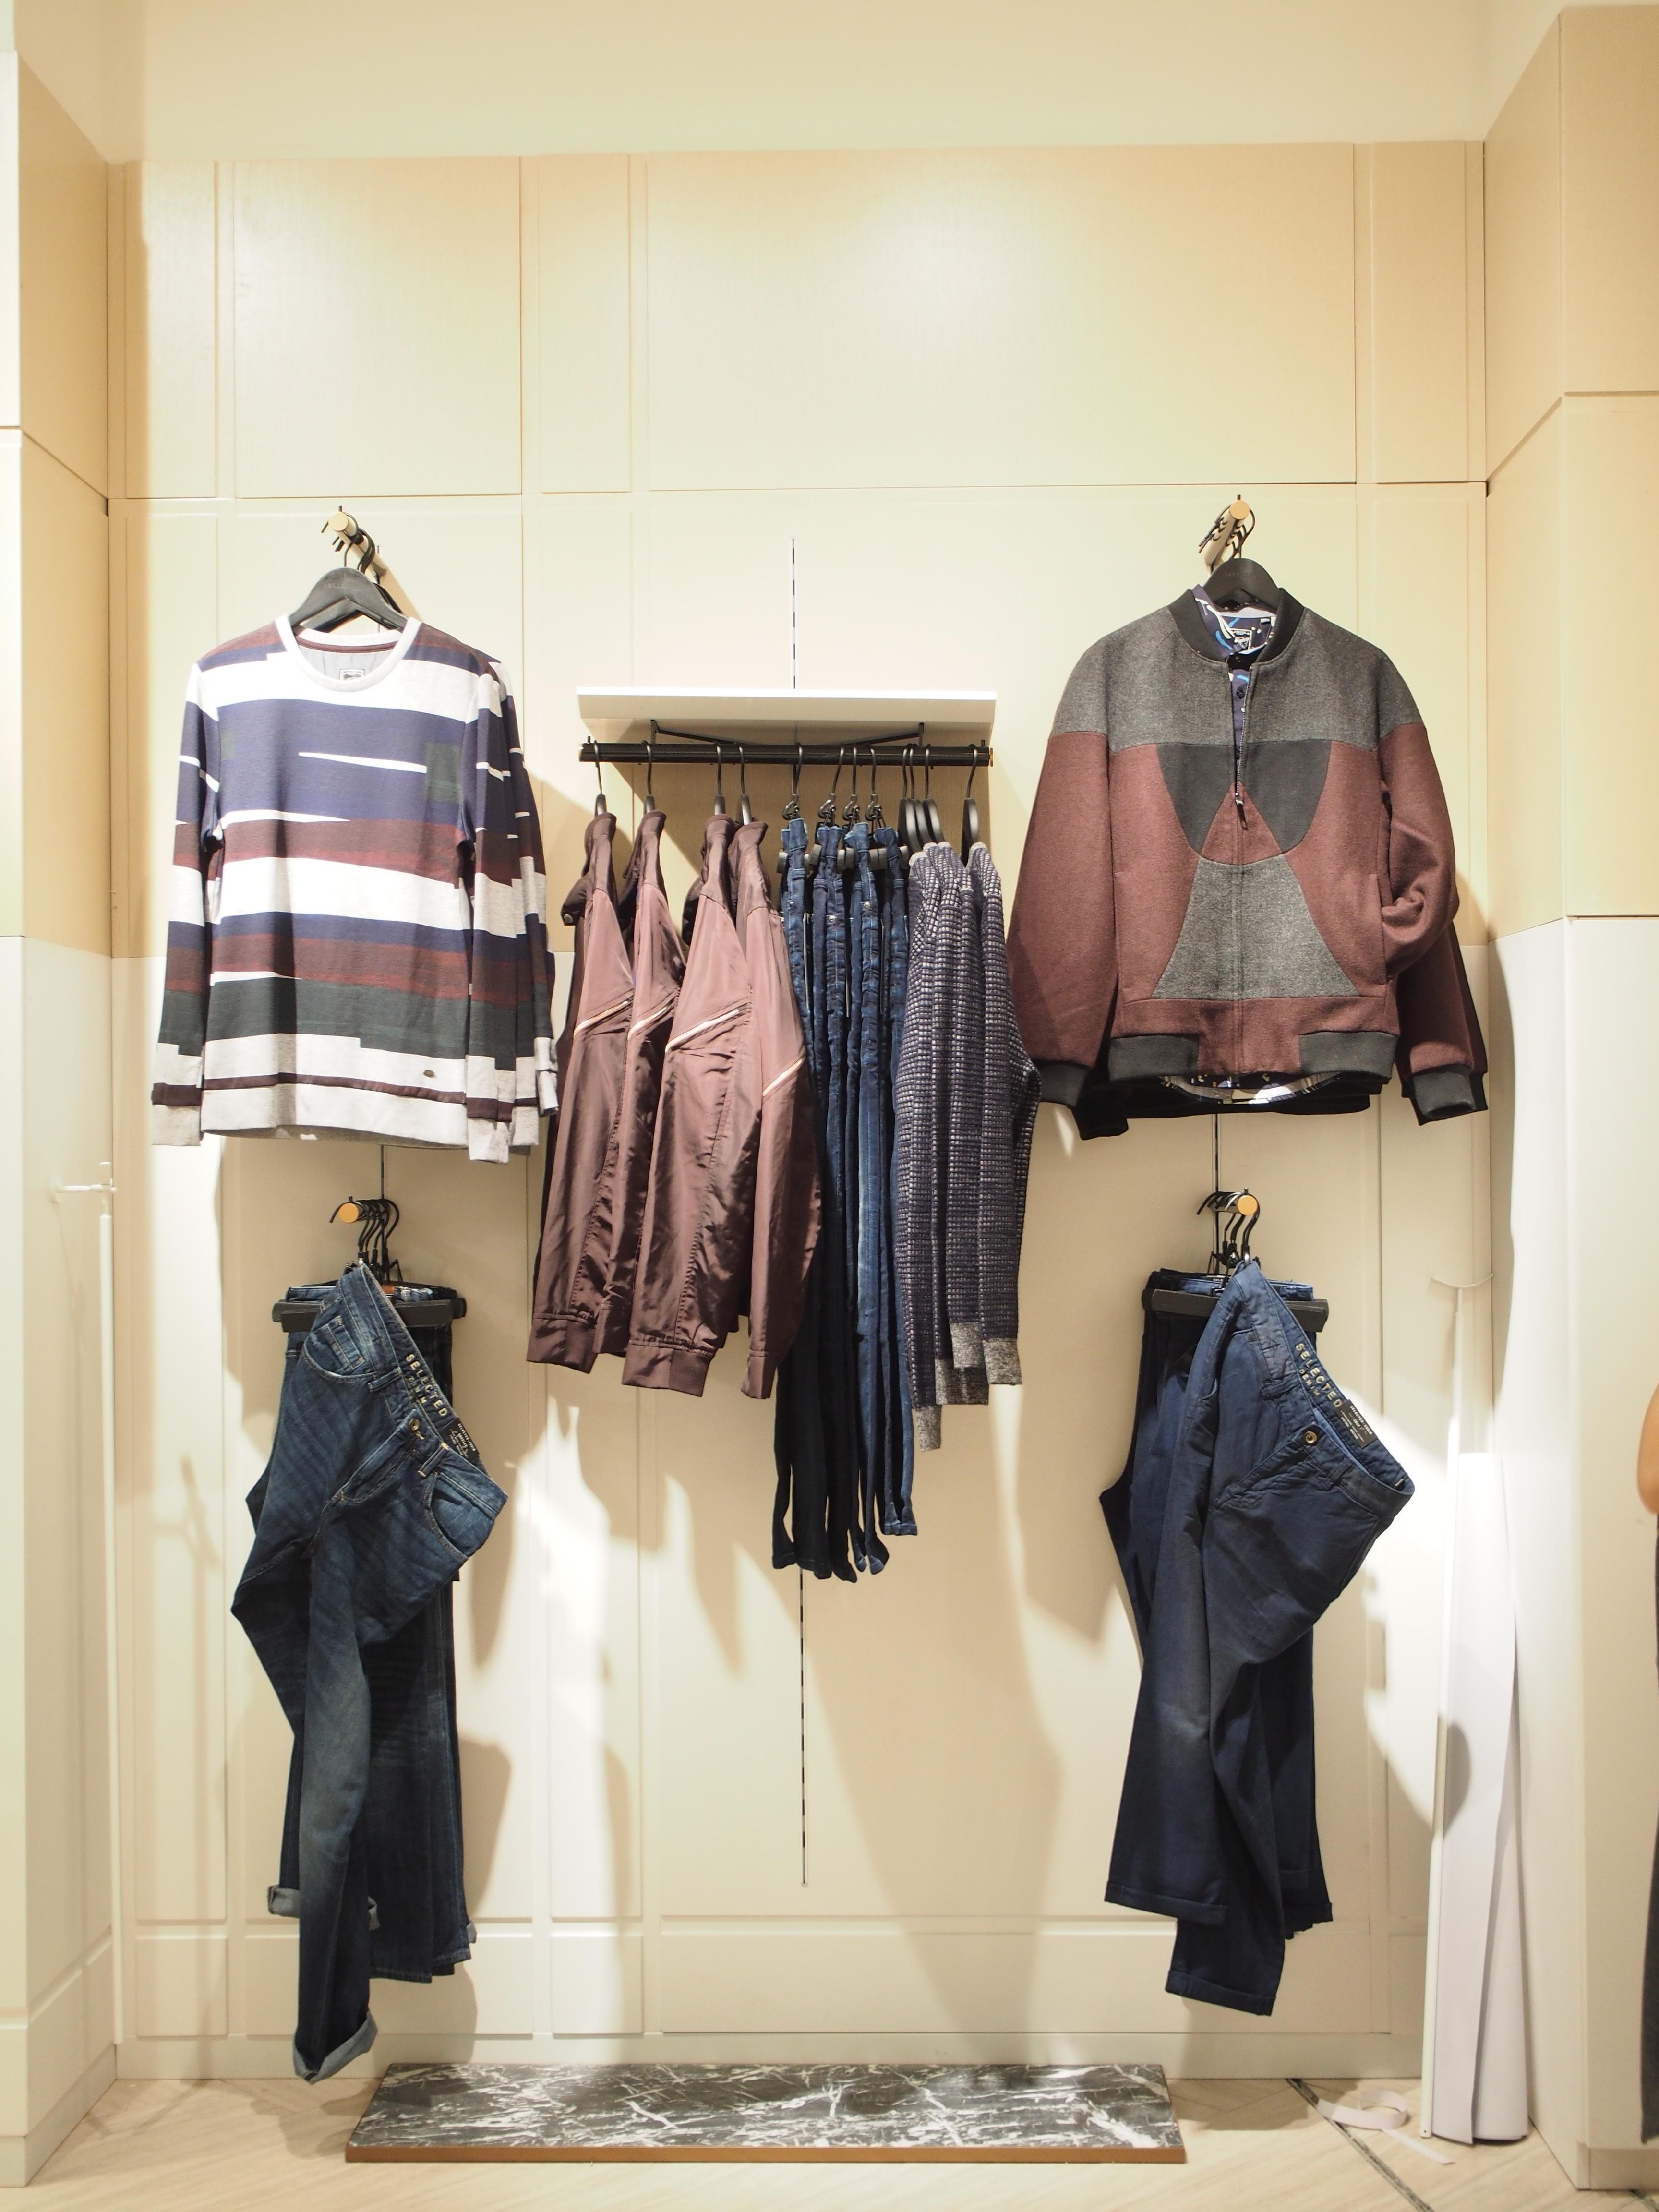 Fotos gratis : masculino, tienda, Moda, ropa, mueble, habitación ...